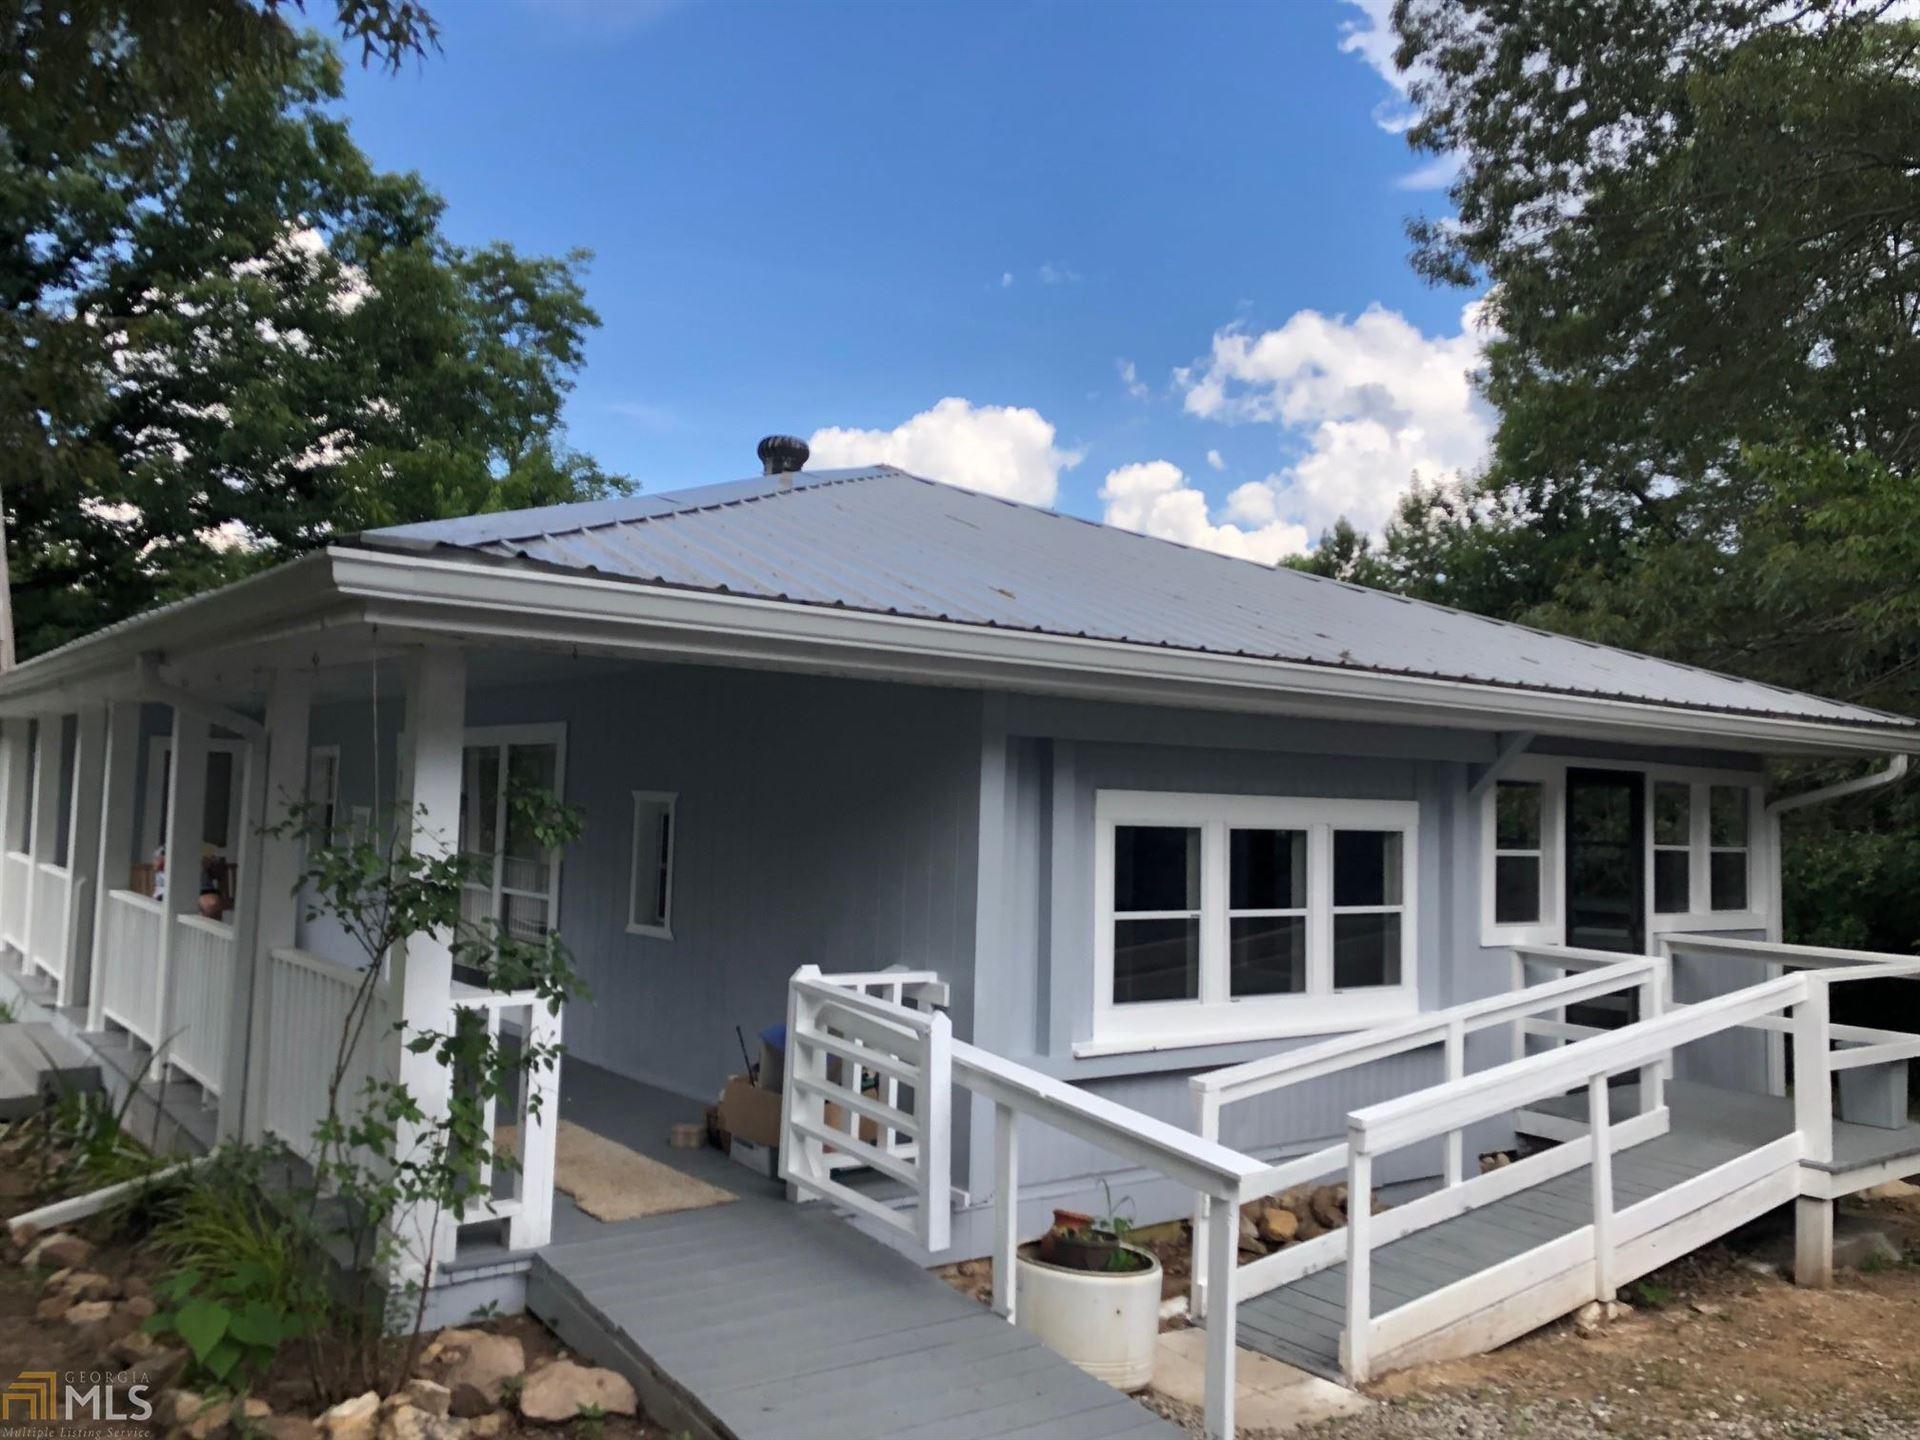 3424 Jones Creek Rd, Blairsville, GA 30512 - MLS#: 8829981